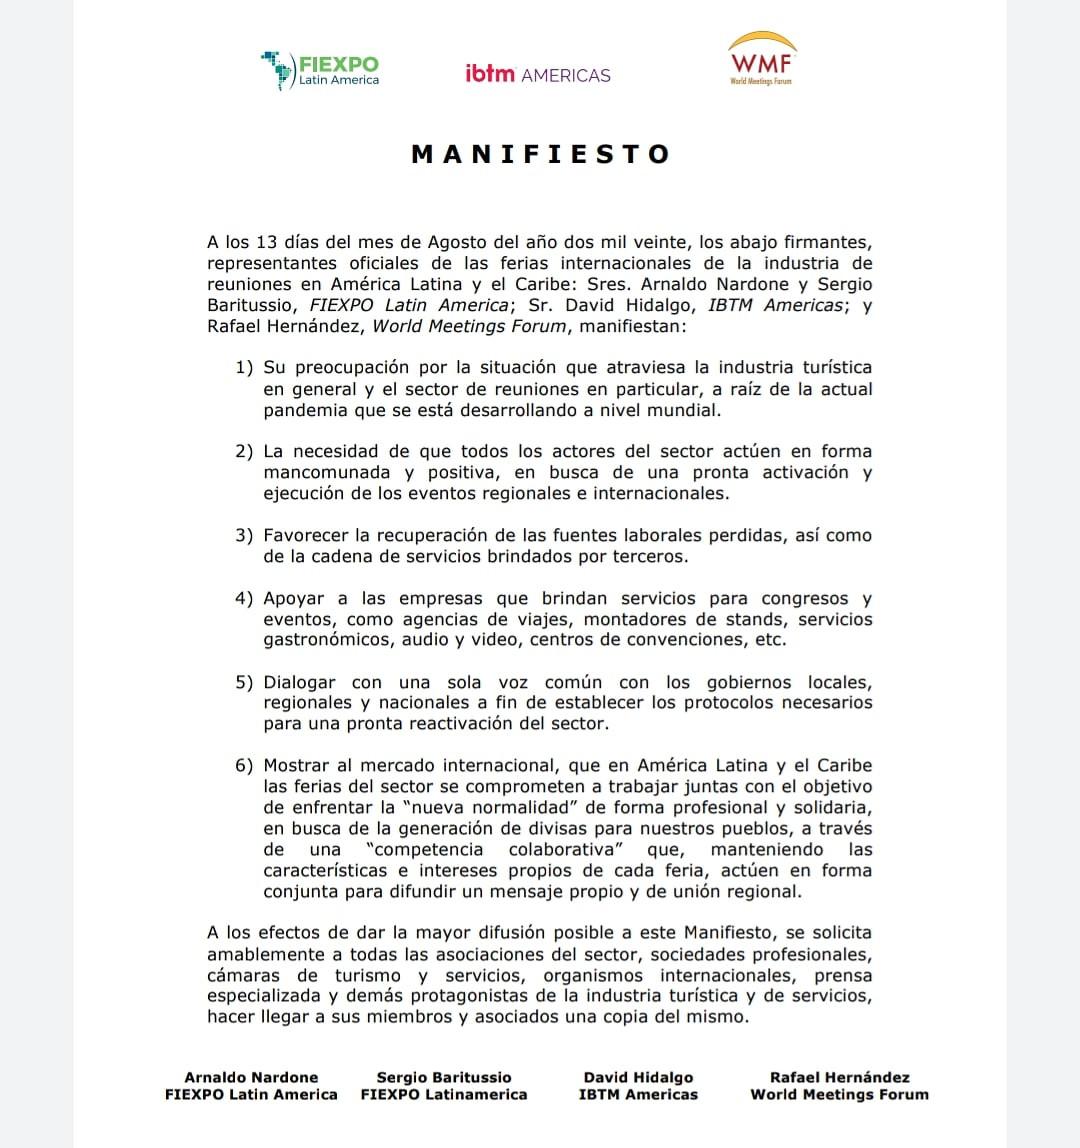 El manifiesto de FIEXPO, IBTM Americas y World Meetings Forum